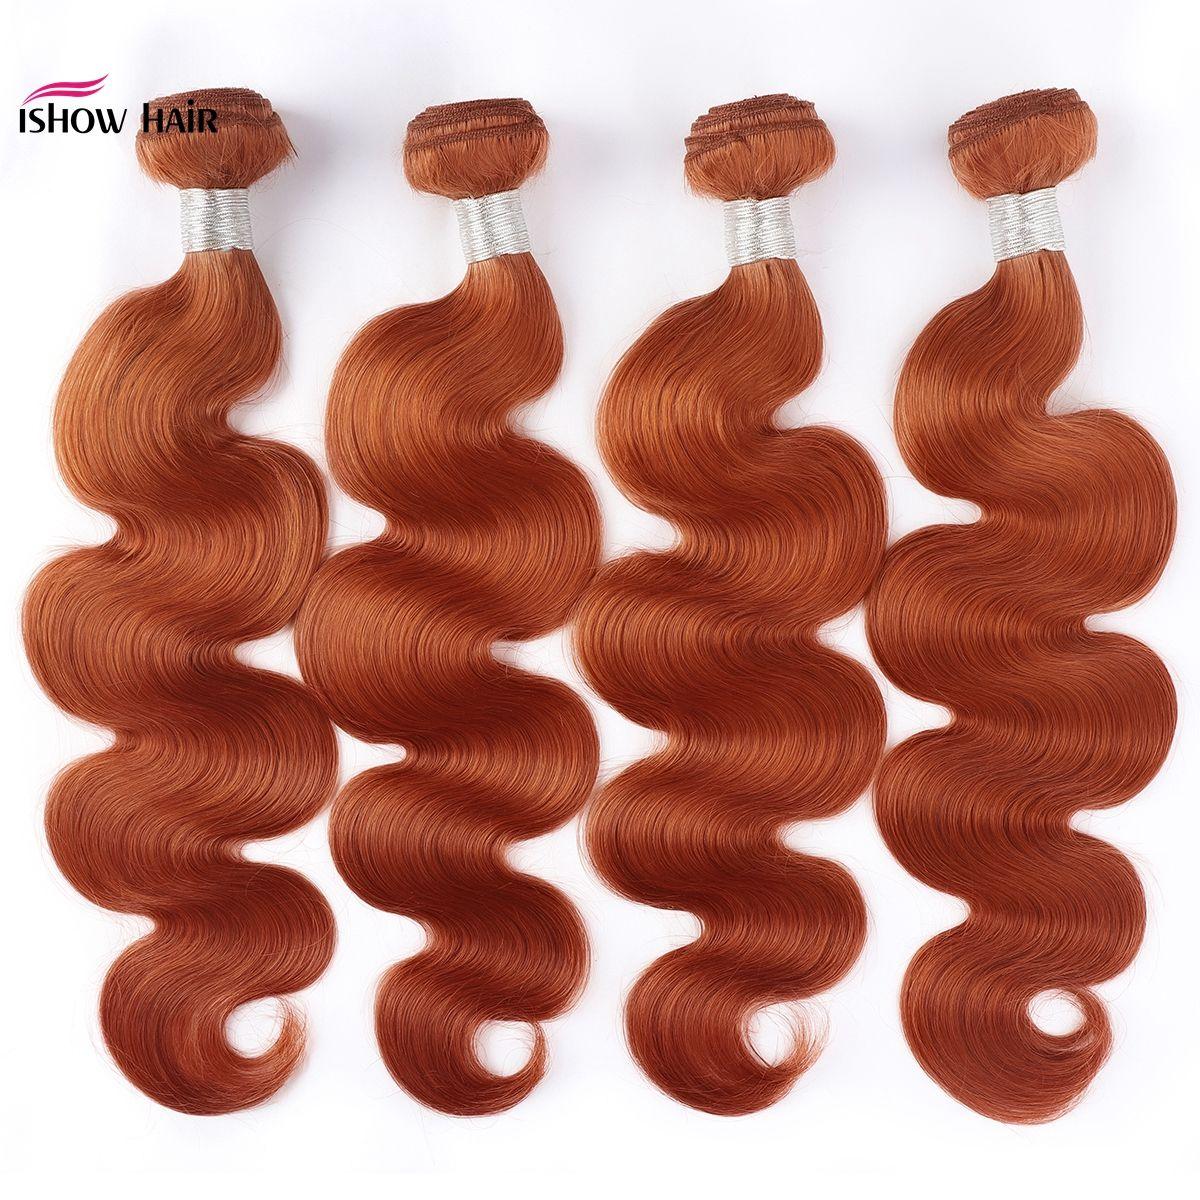 Ishow Новое поступление бразильские волосы плетение пучков оранжевый имбирь Remy человеческие волосы пучки перуанские человеческие наращивания волос бесплатная доставка